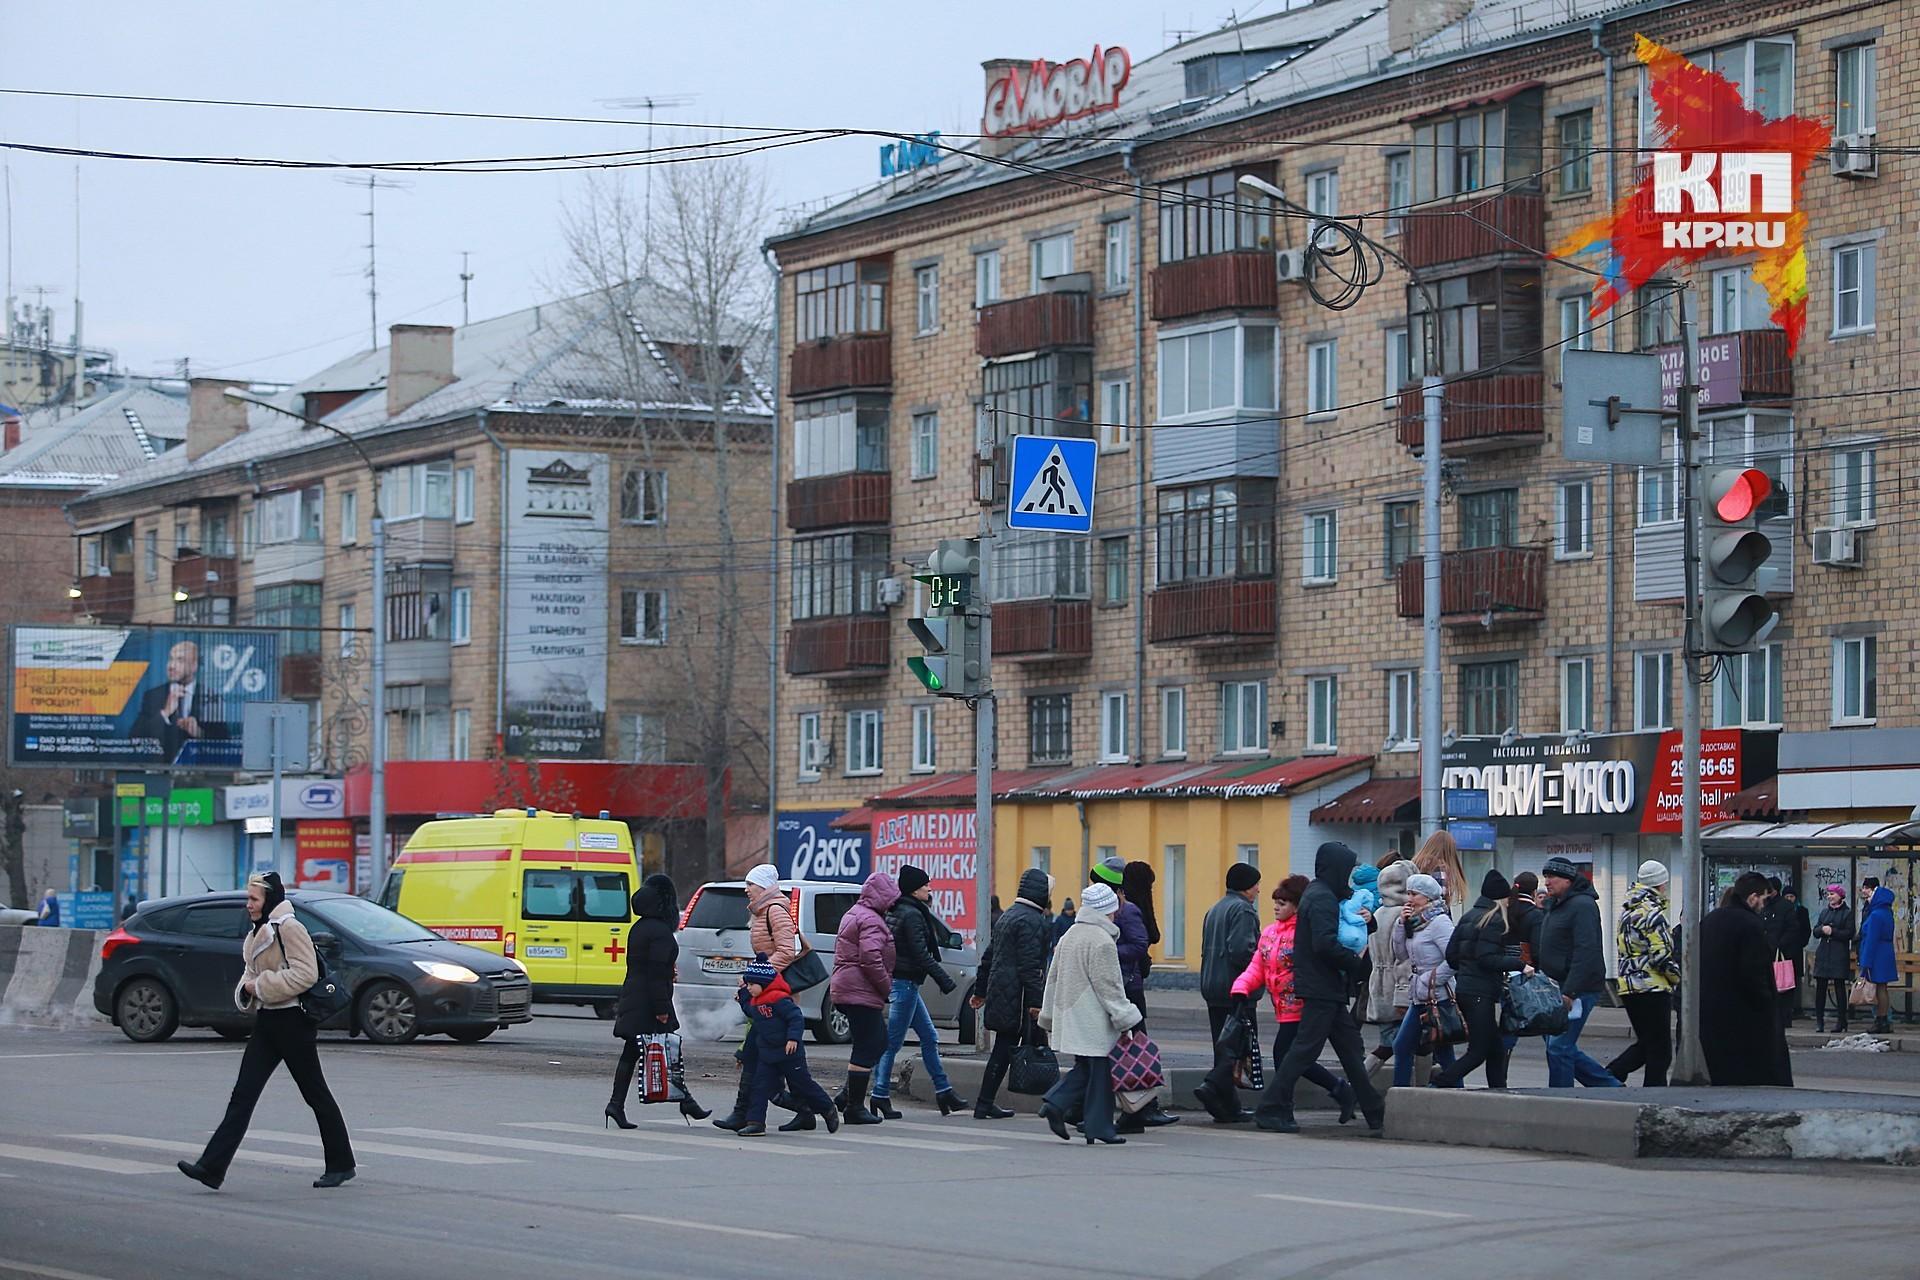 ВКрасноярске мошенники при обмане водителей используют старушку «ссердечным приступом»